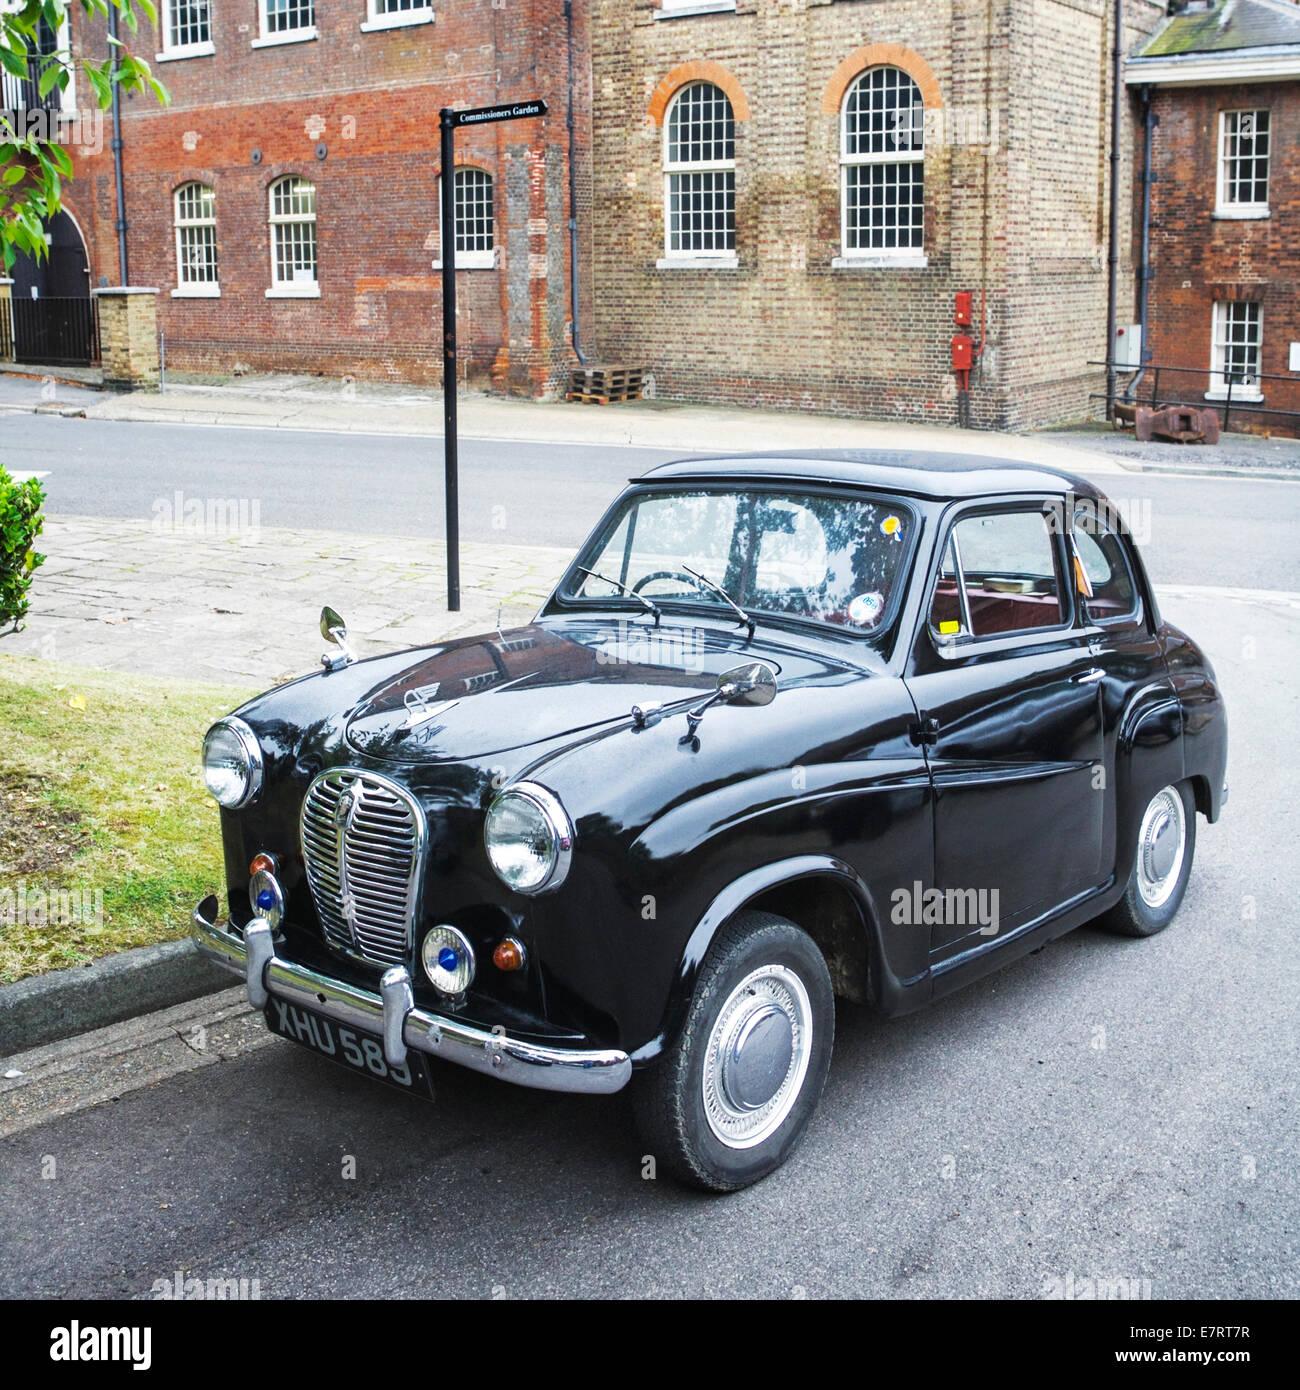 A Black Old British Car Cars At Chatham